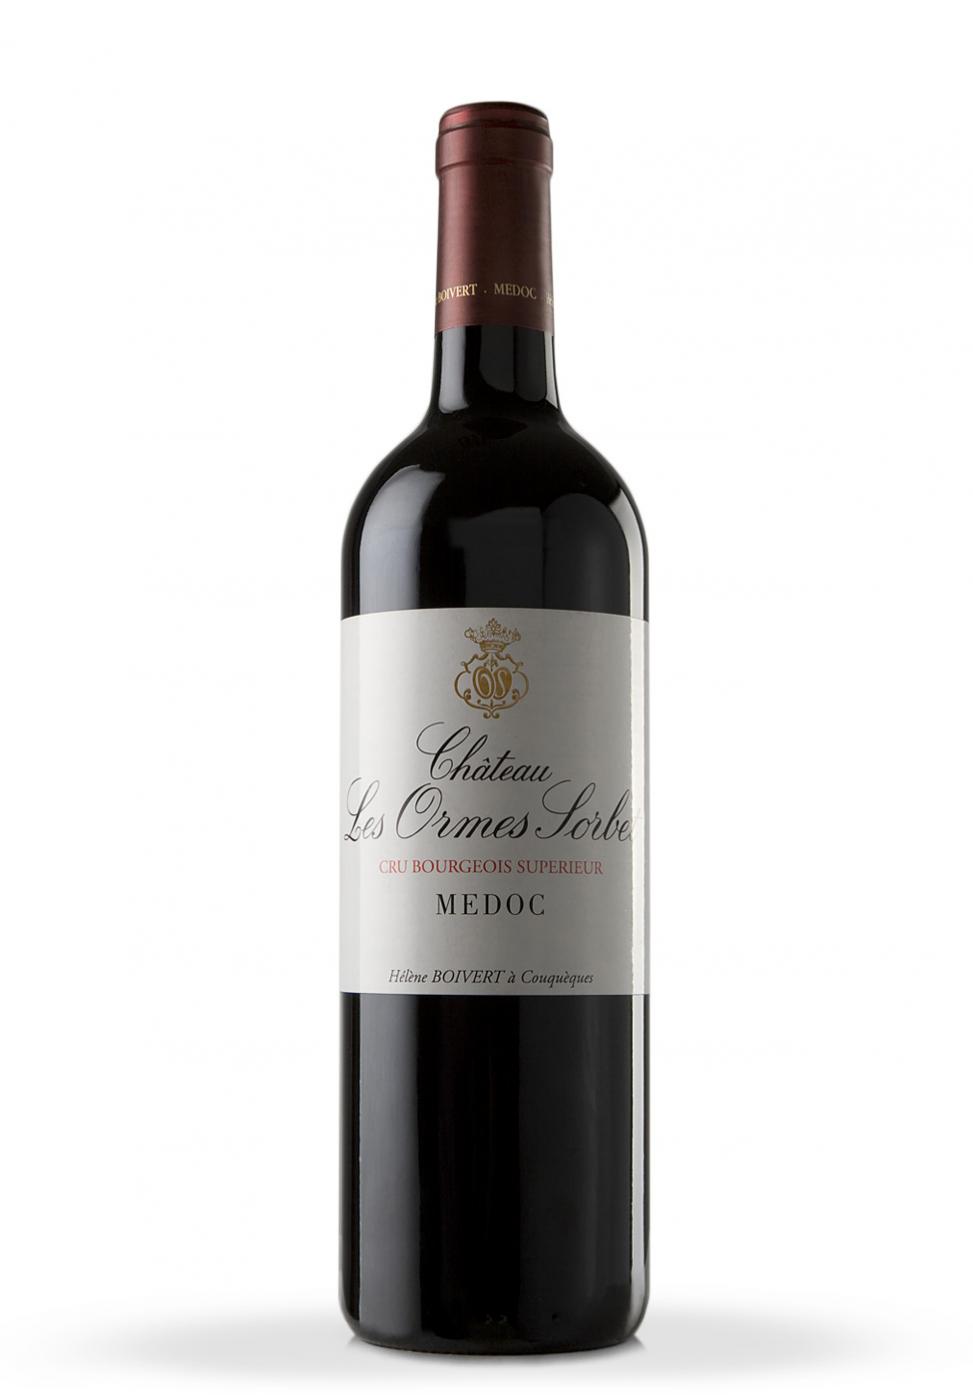 Vin Château Les Ormes Sorbet, Cru Bourgeois Supérieur, Medoc 2006 (0.75L)